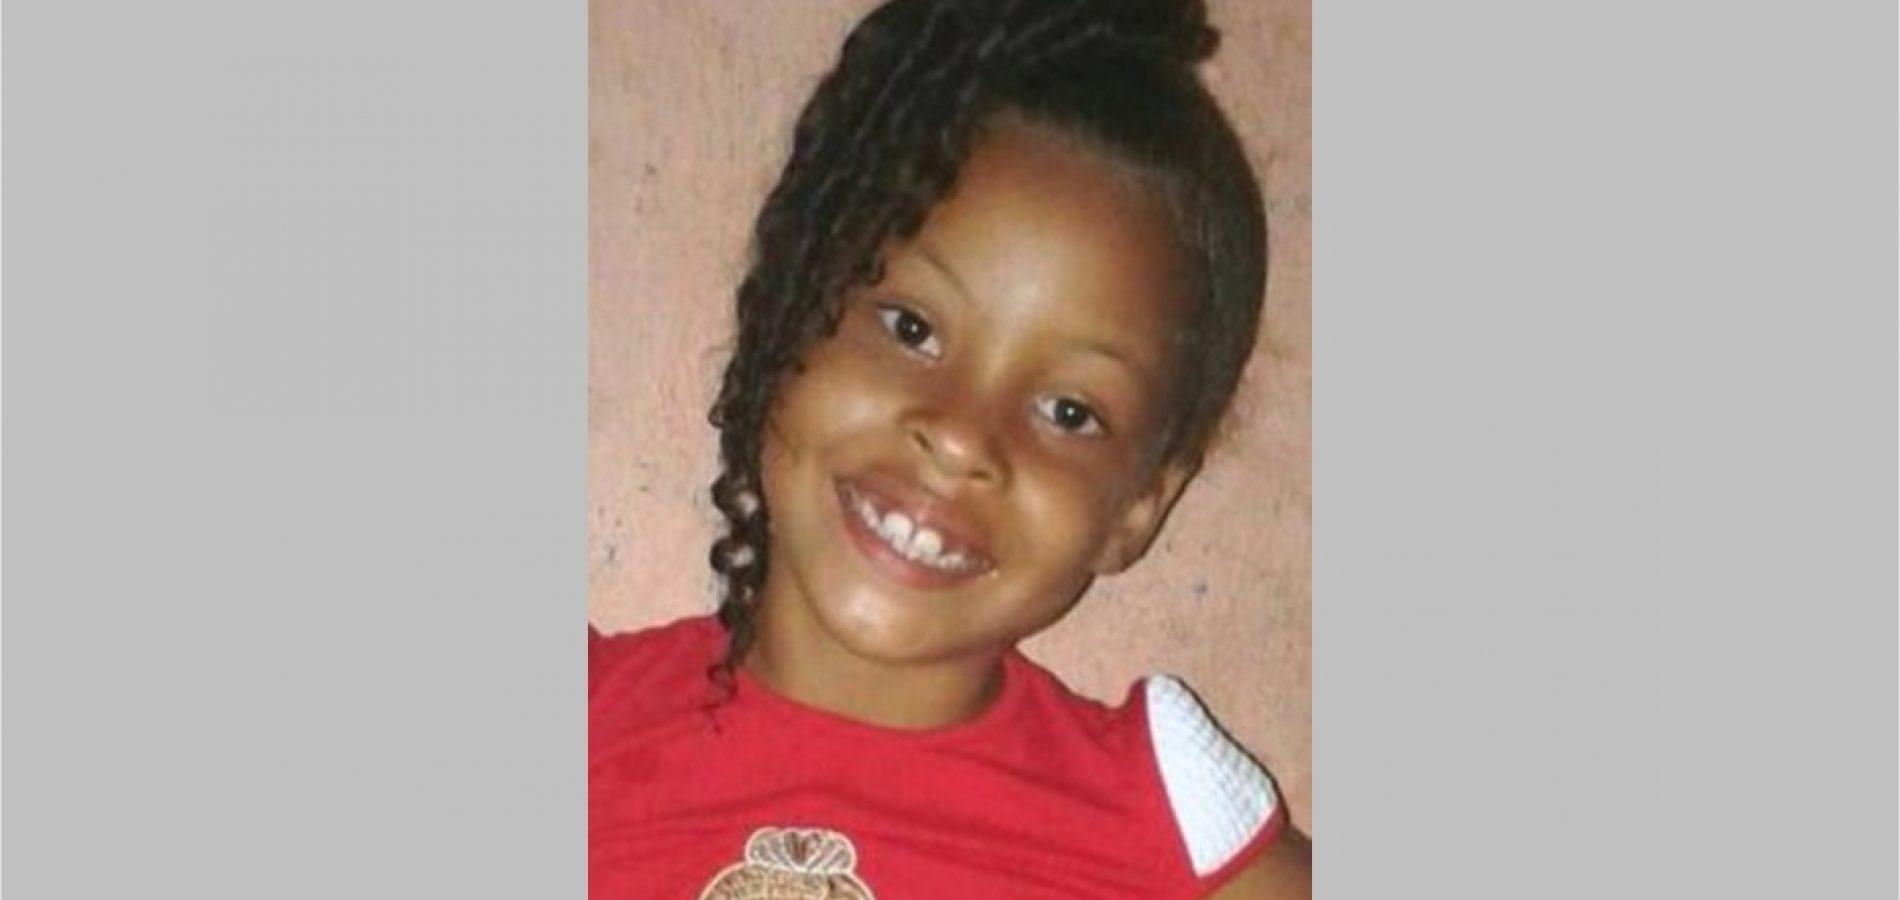 Criança é raptada na Bahia e suspeitos são 'vistos' no Piauí com garota